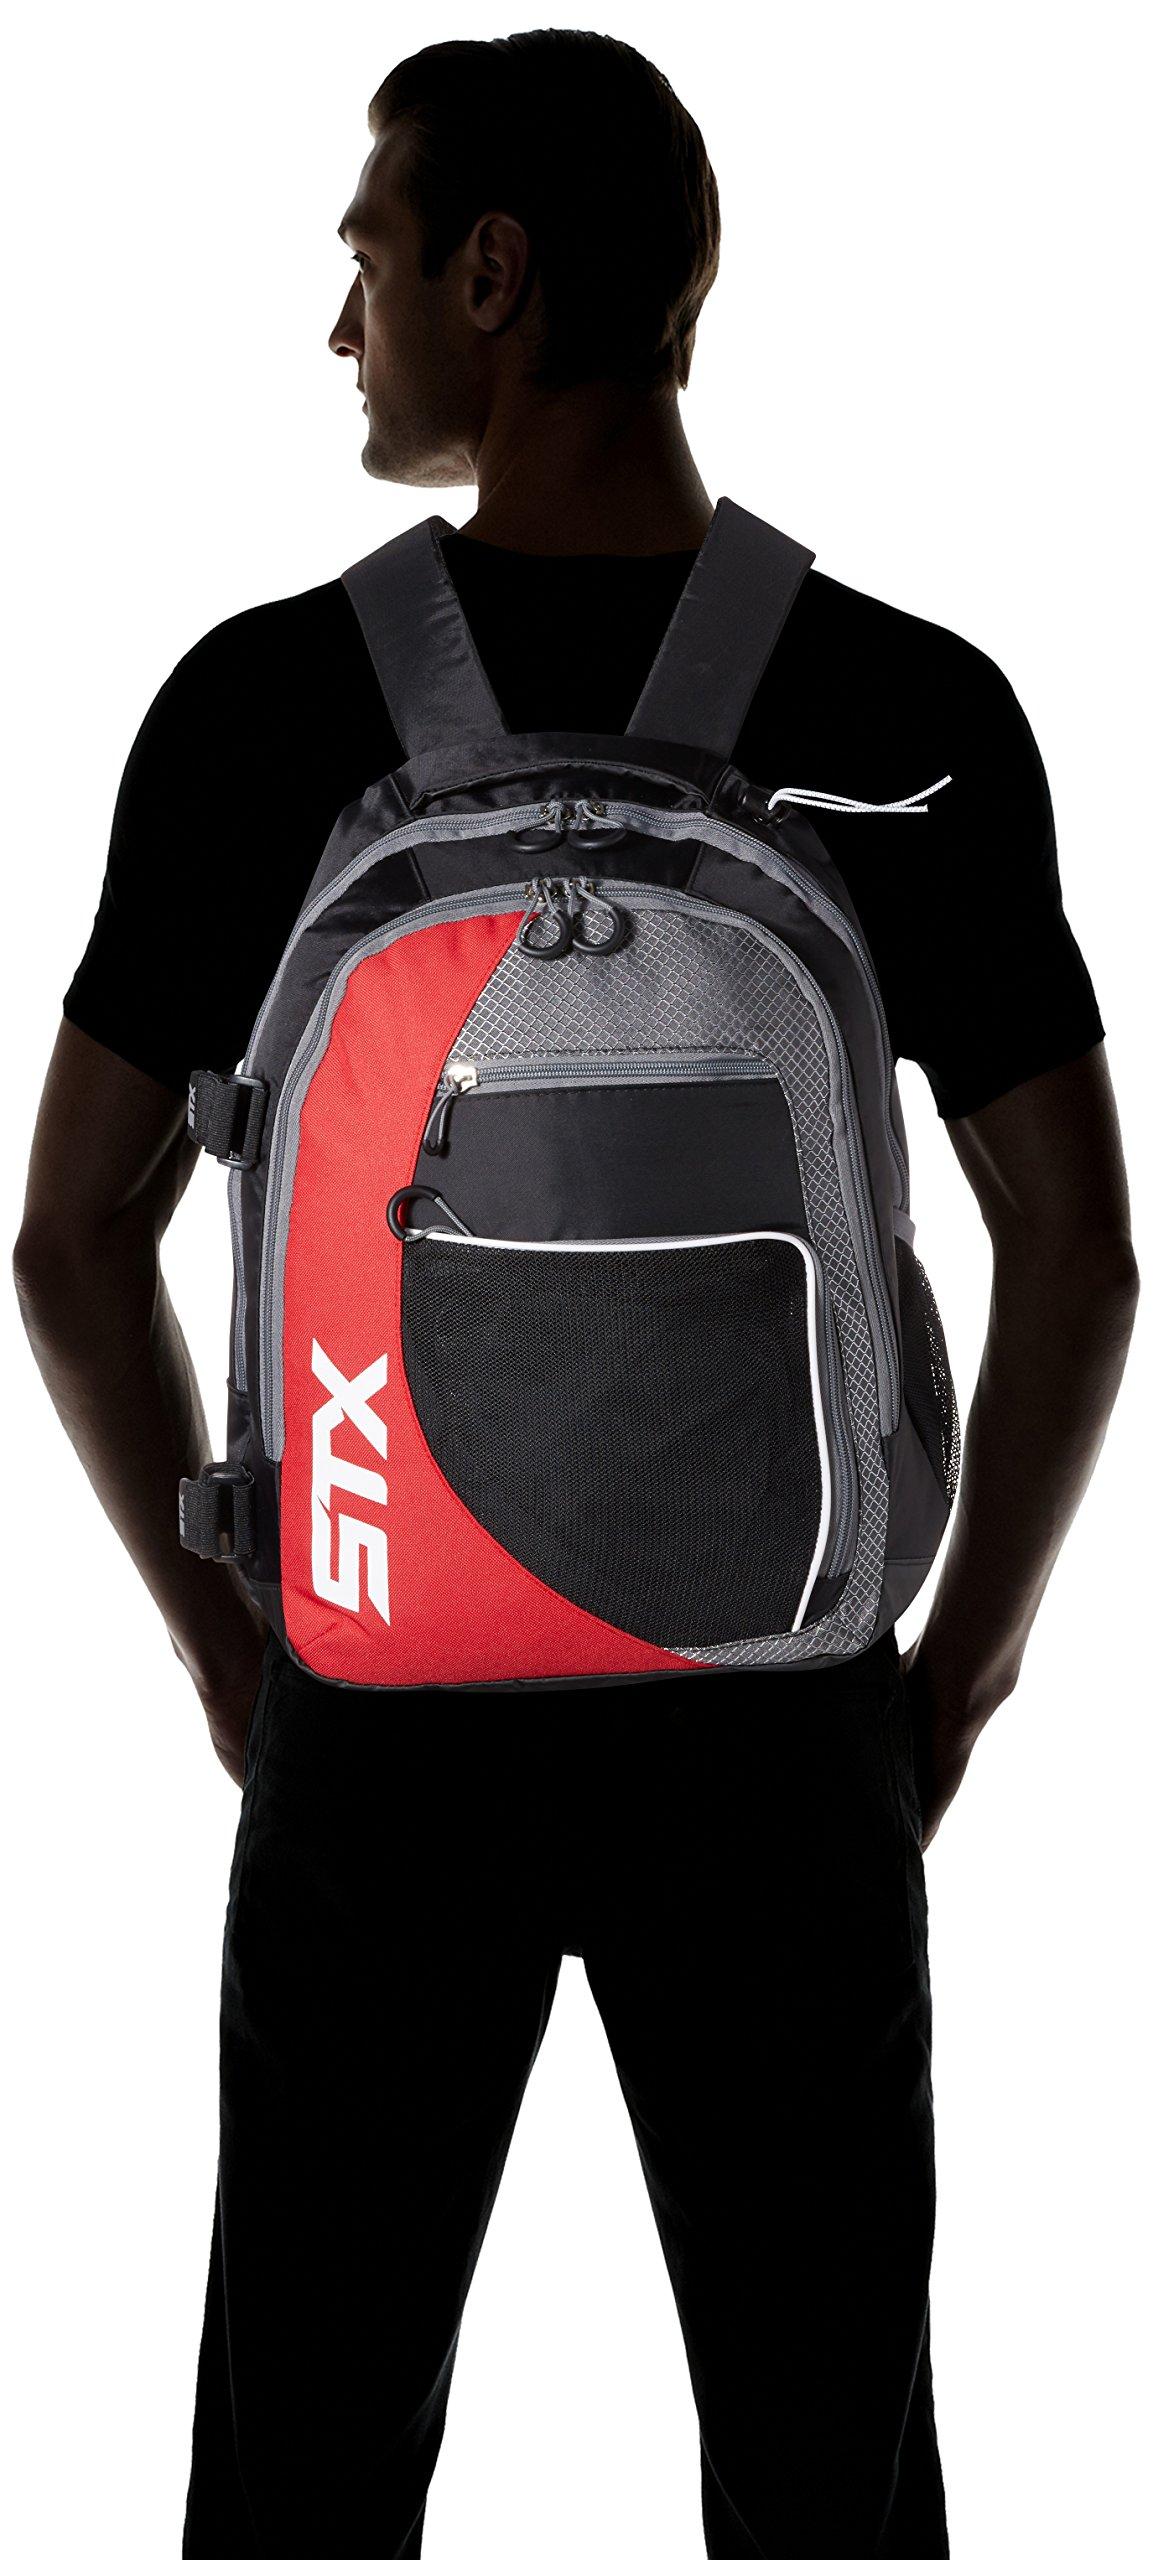 STX Lacrosse Sidewinder Lacrosse Backpack, Black/Red by STX (Image #4)